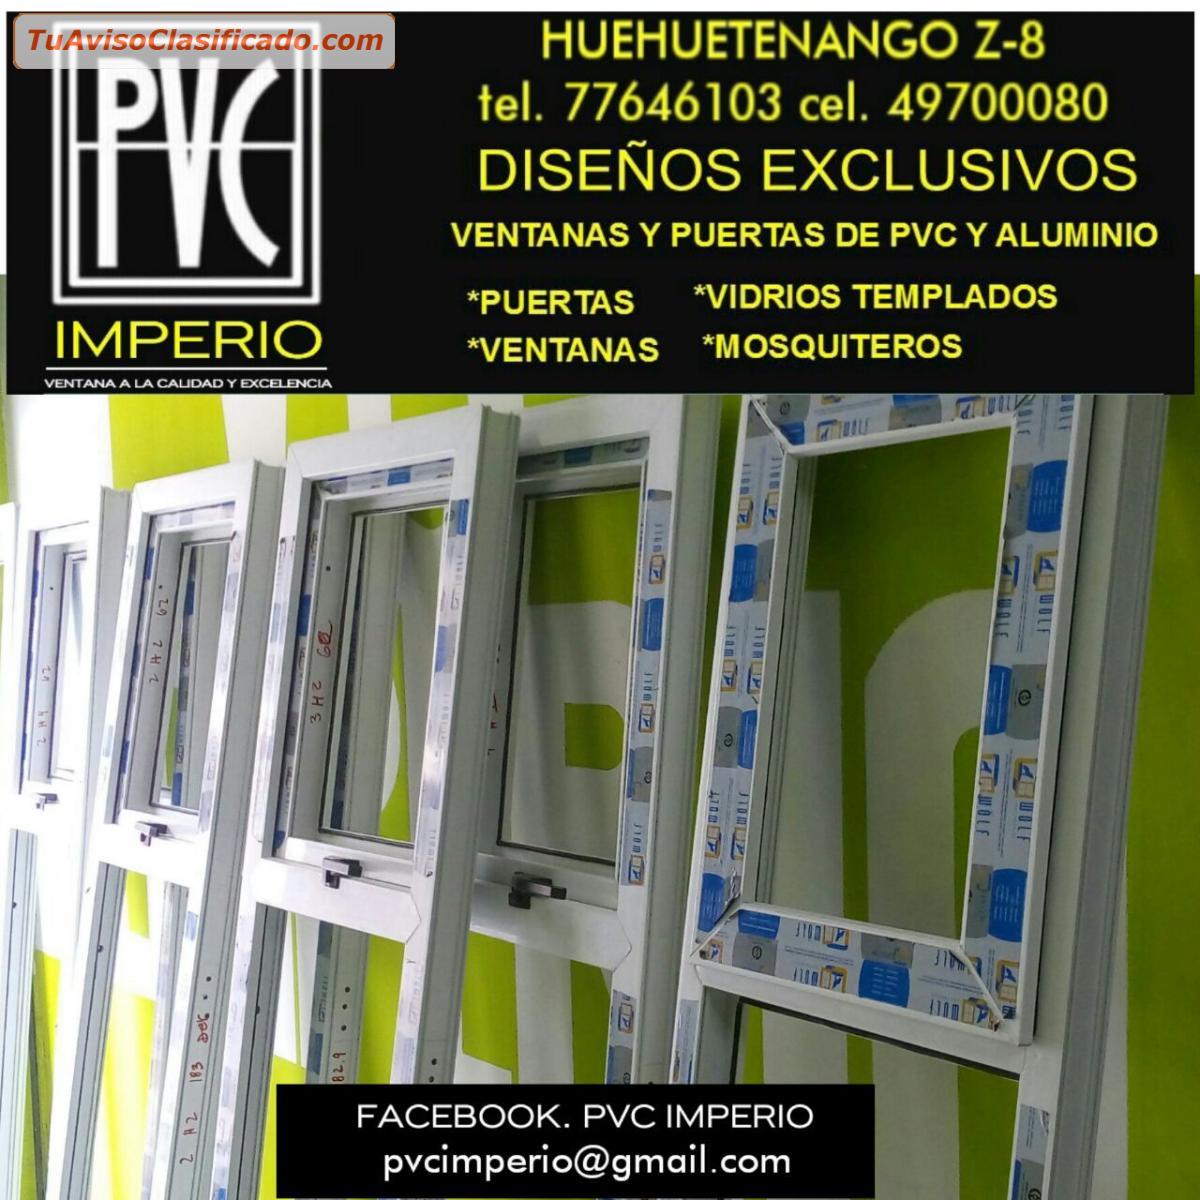 VENTANAS Y PUERTAS DE PVC Y ALUMINIO EN GUATEMALA - Servicios y Co...